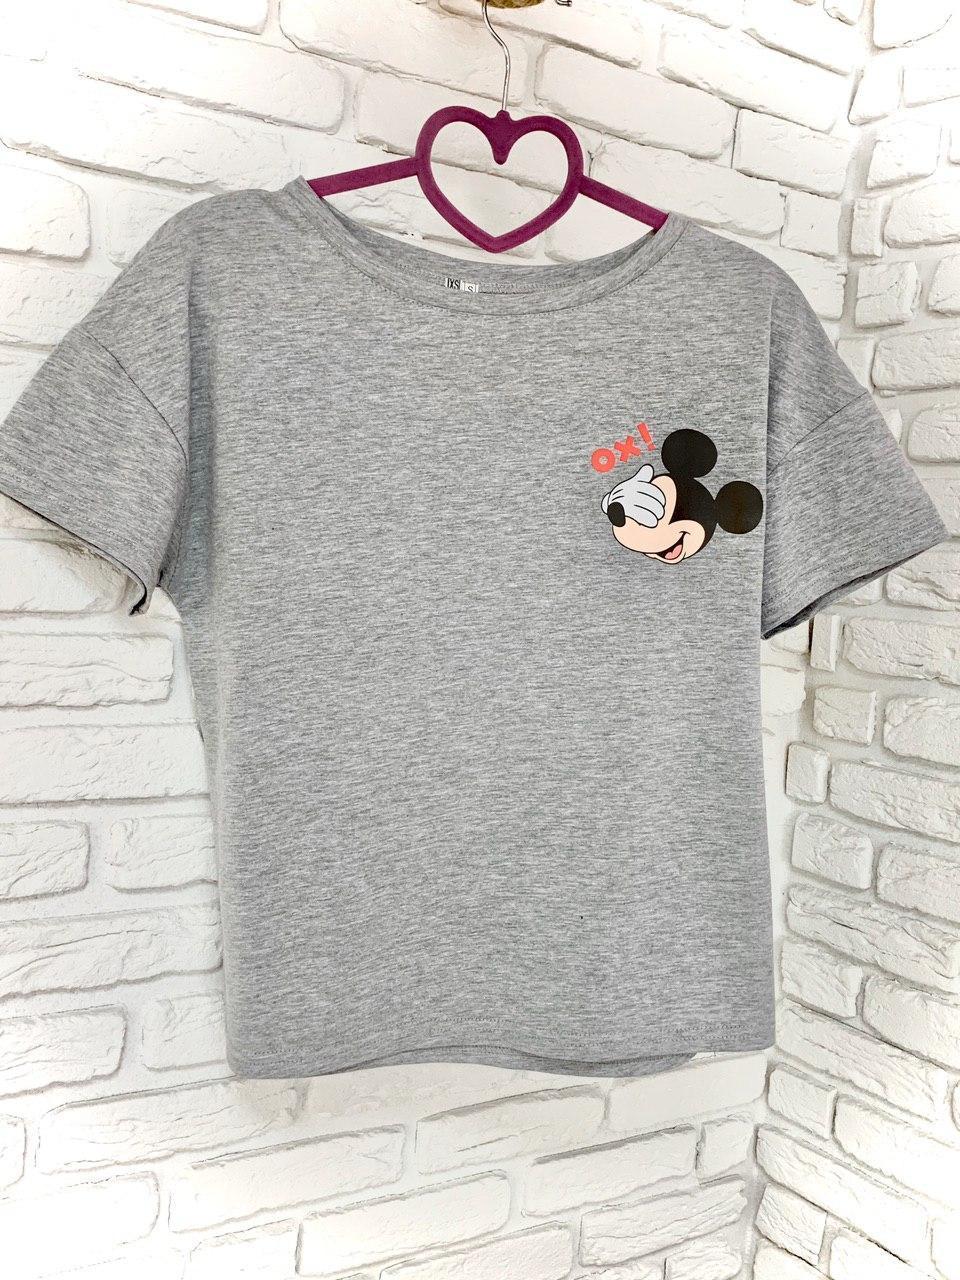 Женская футболка хлопок серая с принтом Mickey Mouse микки маус Ox